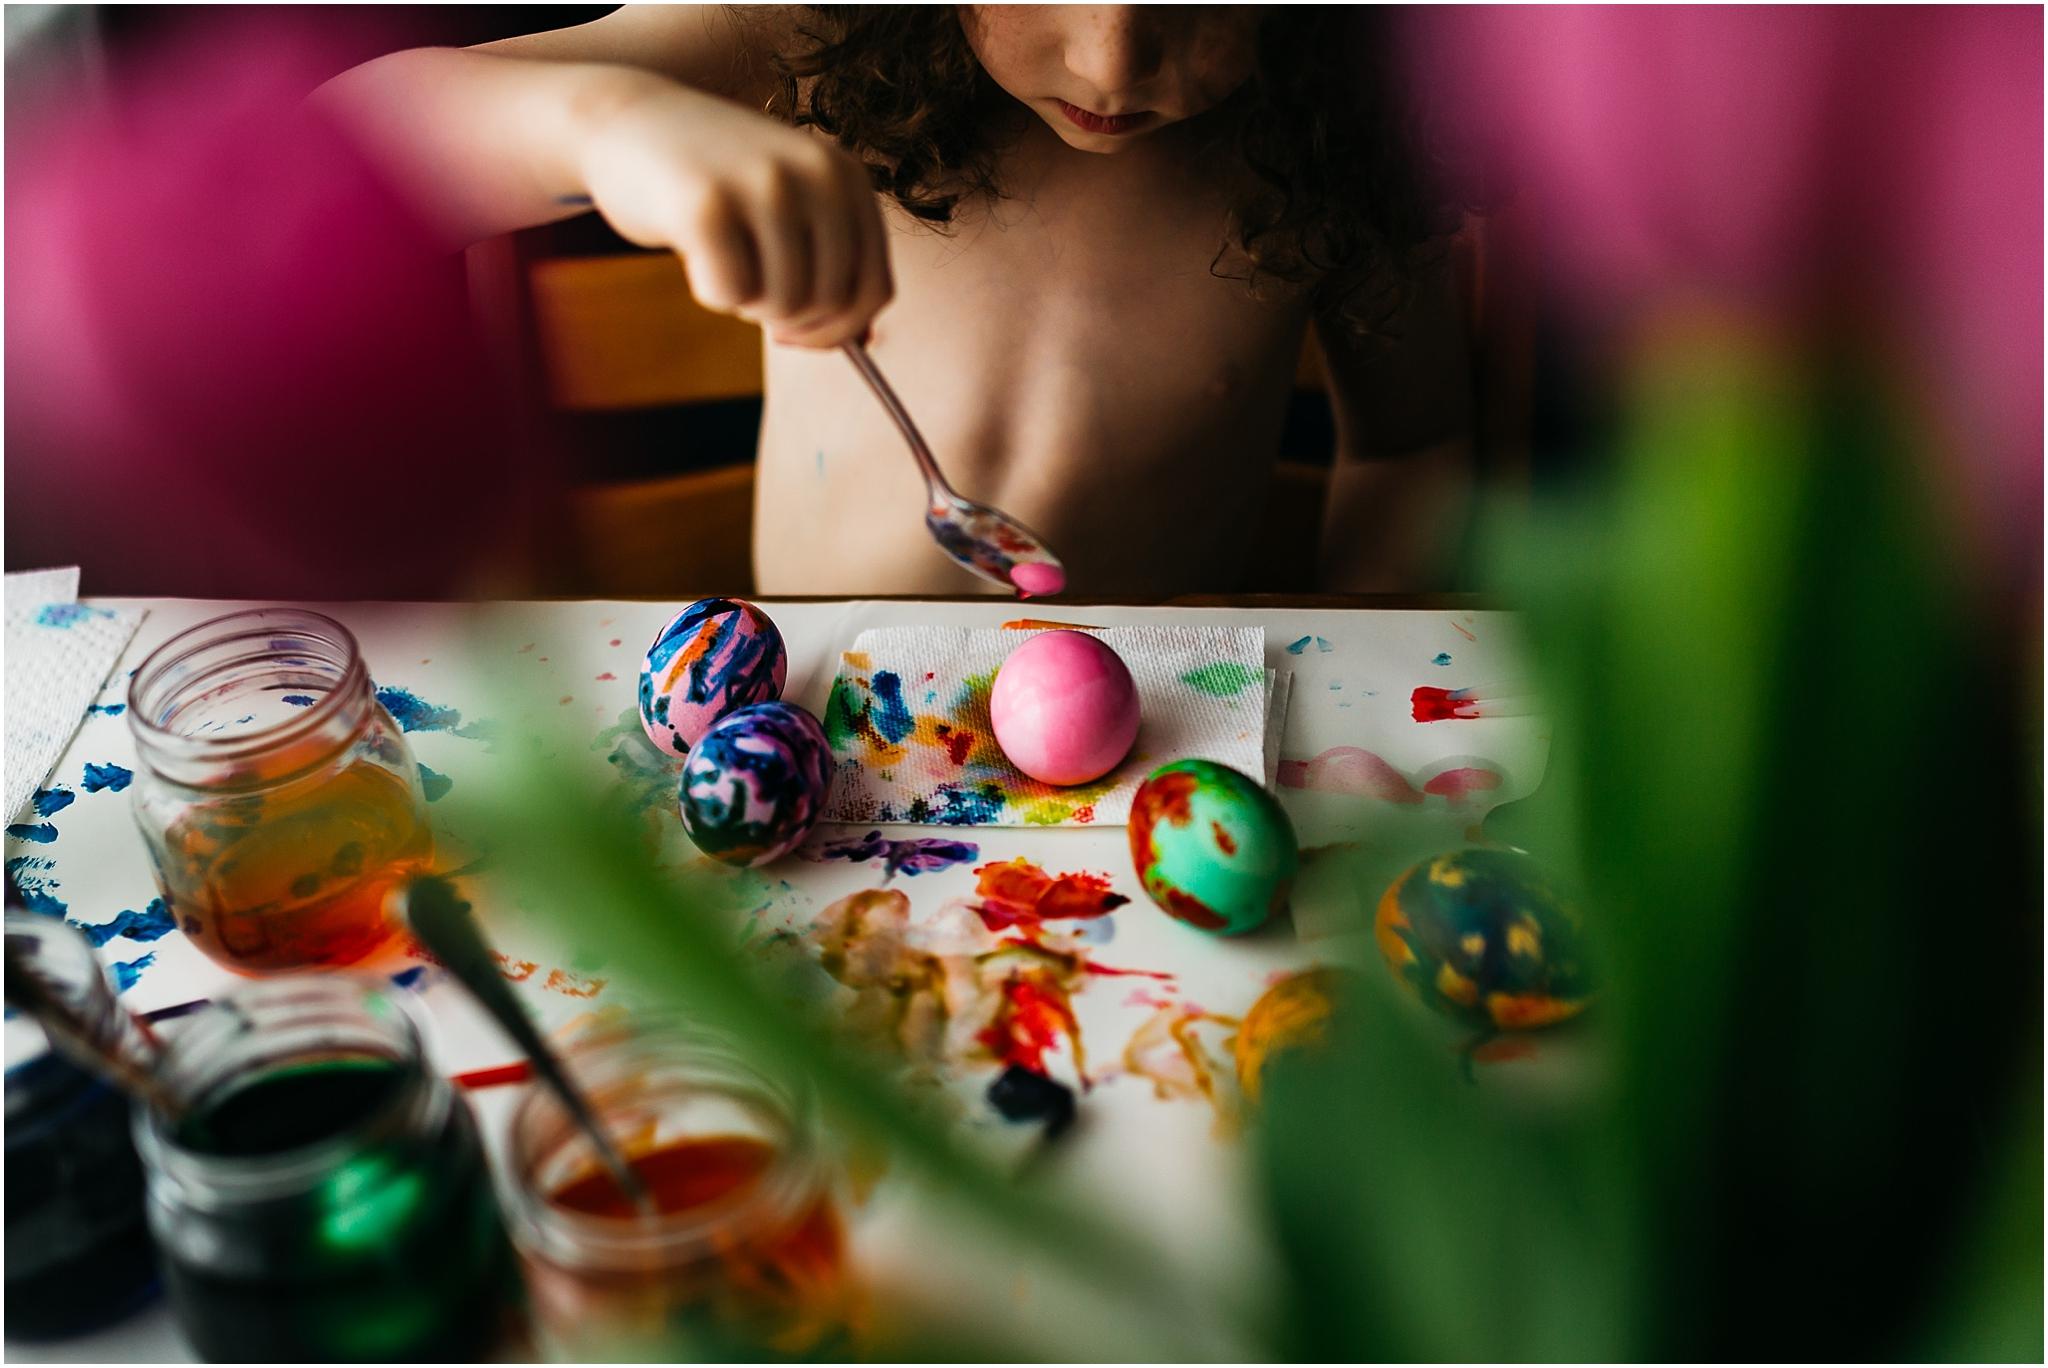 2018-04-02_0009.jpgEaster Egg Painting - Edmonton Photographer - Edmonton Family Photographer -  Easter Eggs - Easter 2018 - Crayons on Easter Eggs - Edmonton Documentary Photographer - Family Photography - Documentary Photography - Tulips - Spring Flowers - Easter in Edmonton - Pink Eggs - Easter Egg making